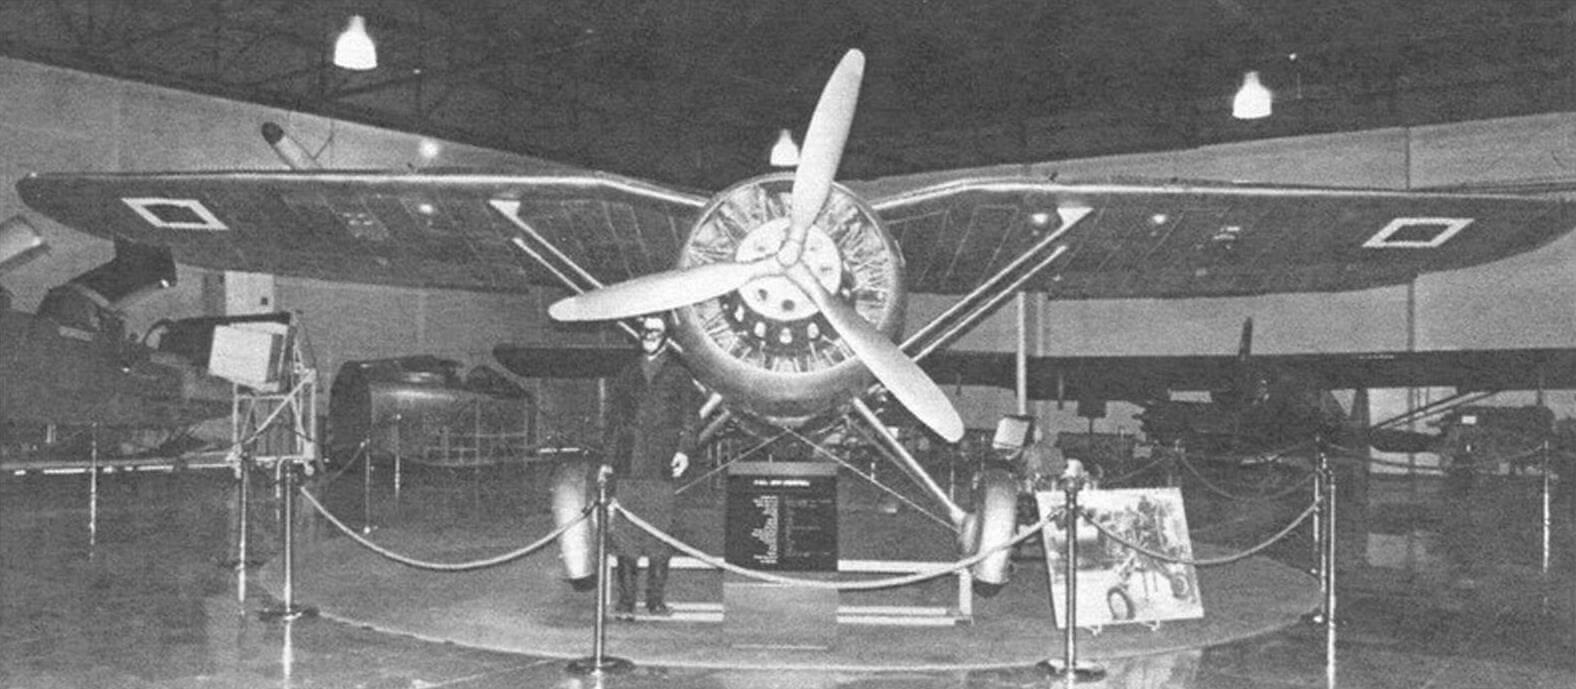 Р-24G в авиационном музее в Стамбуле, 2011 г.